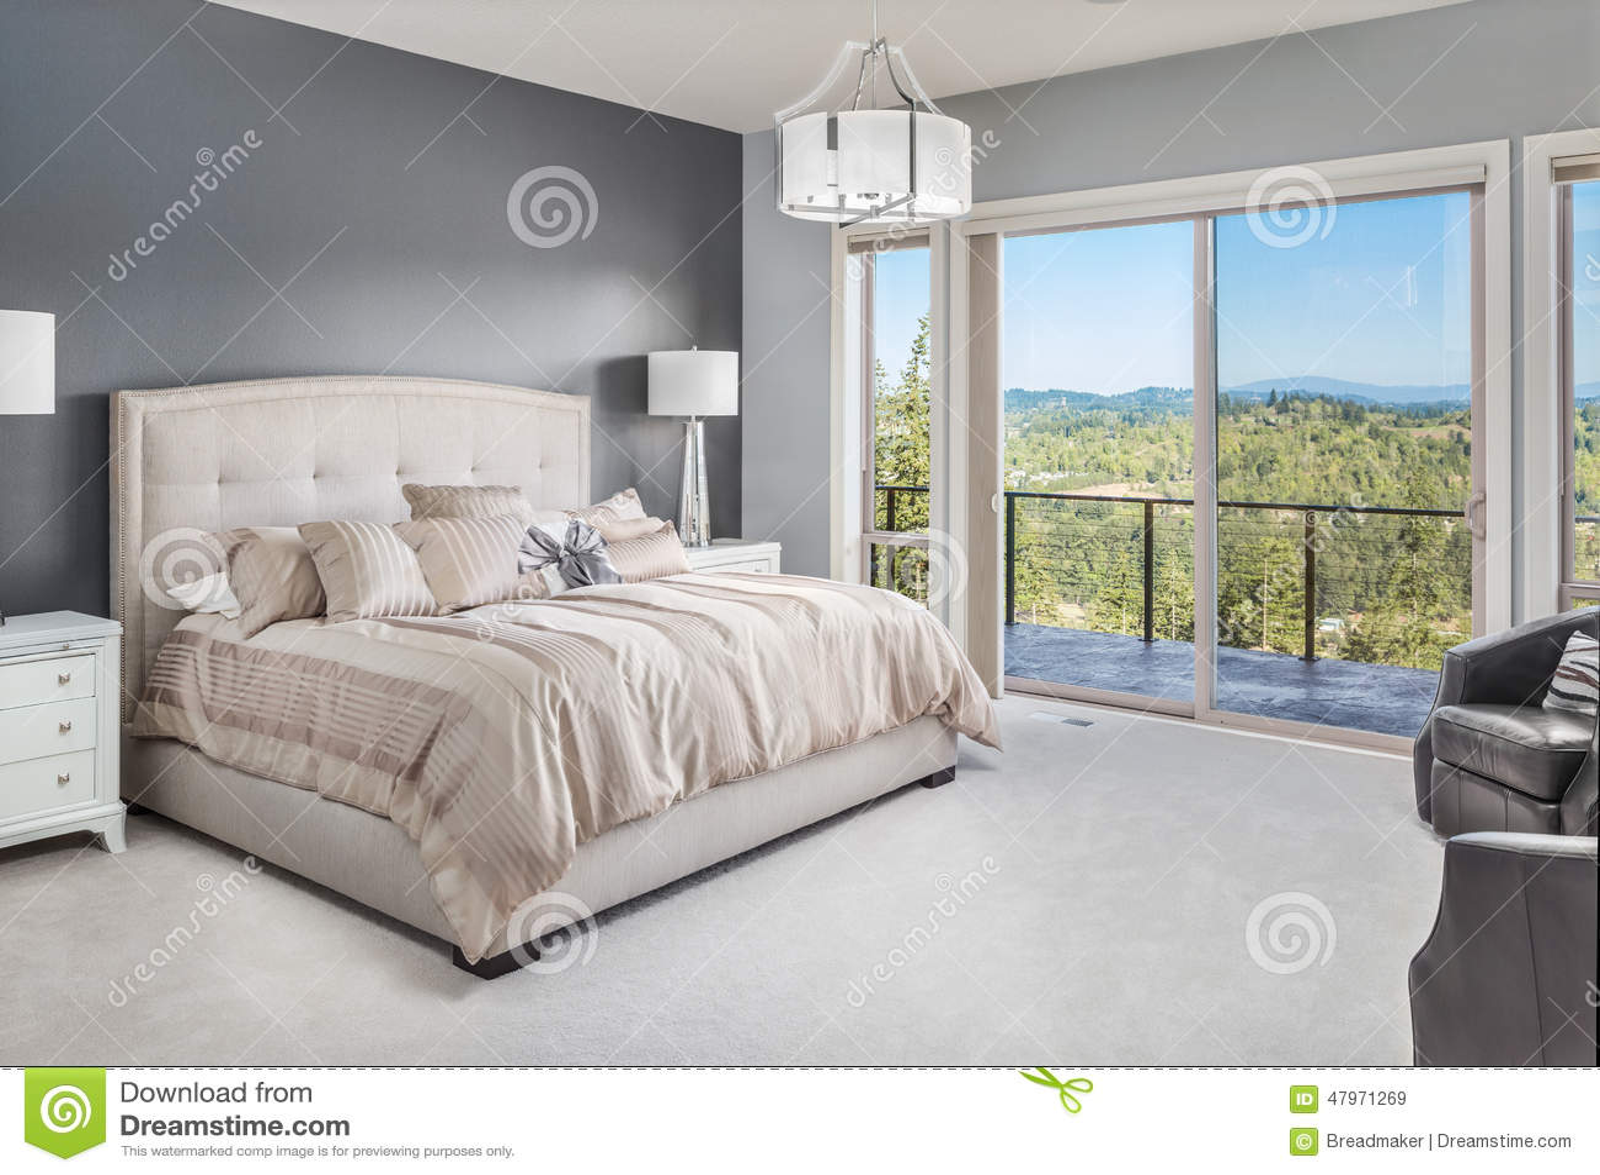 Schönes Schlafzimmer Im Neuen Haus Stockbild - Bild von innen, möbel ...